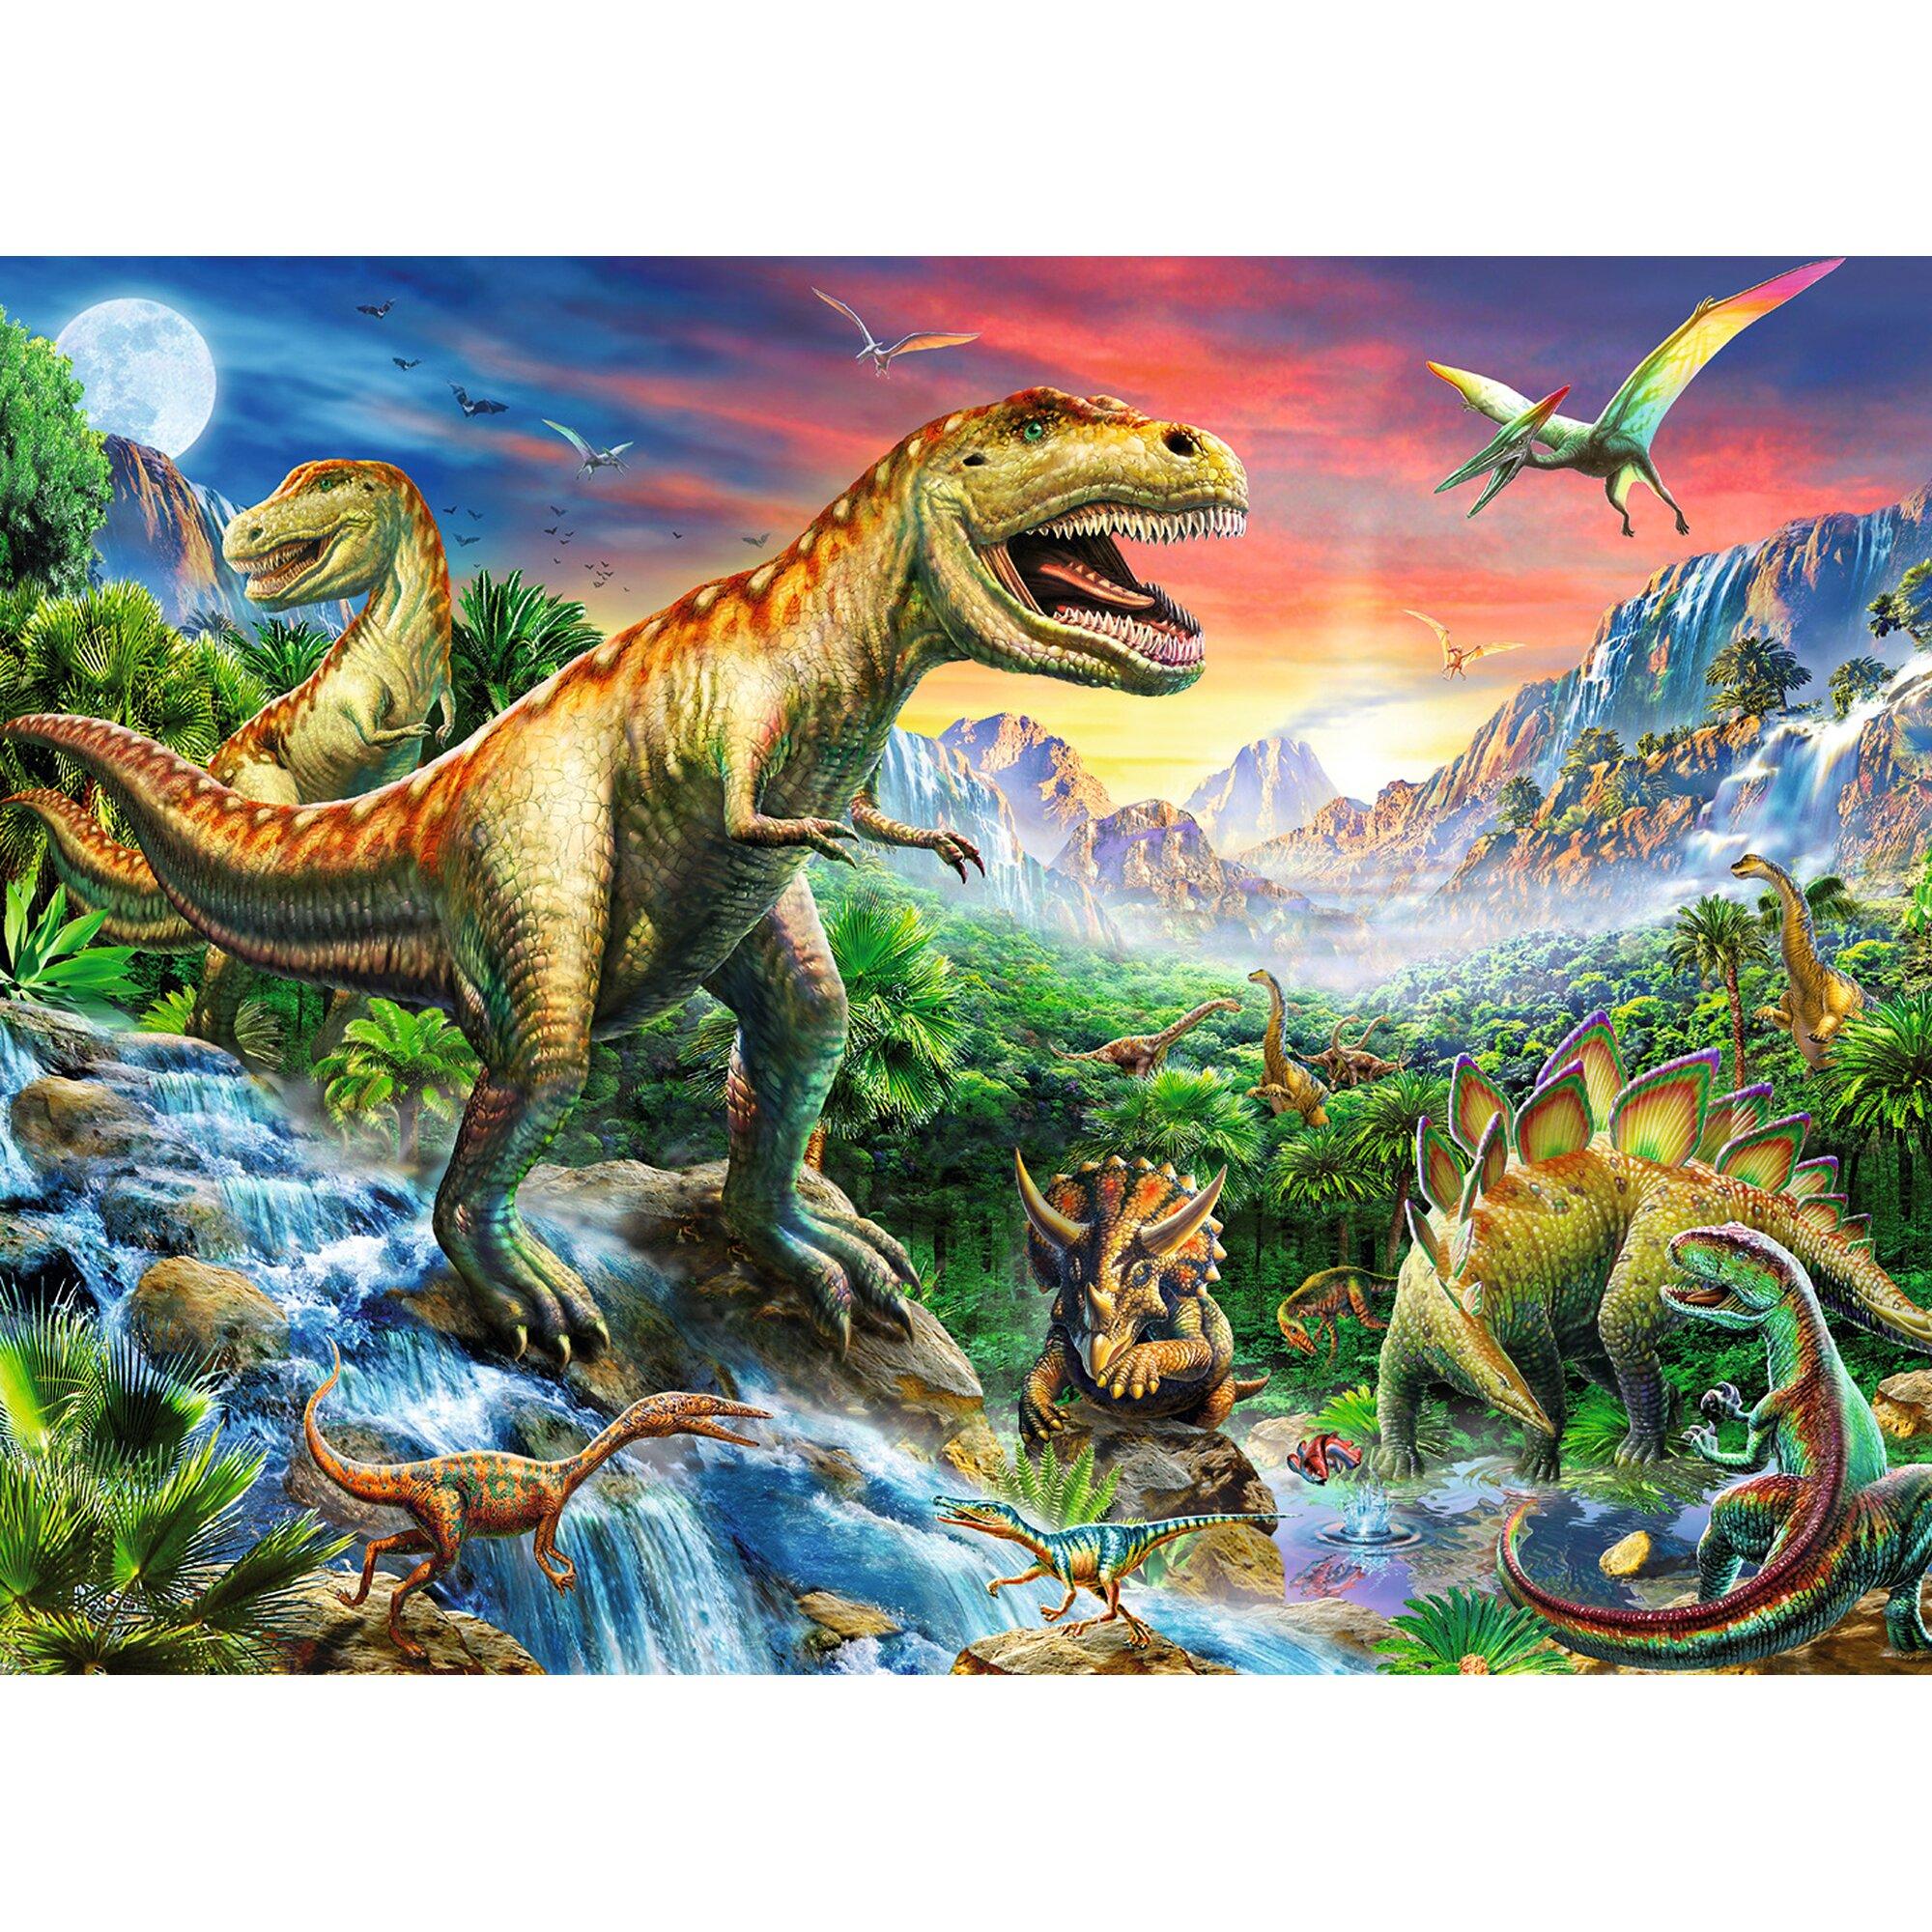 ravensburger-kinderpuzzle-im-xxl-format-100-teile-bei-den-dinosauriern